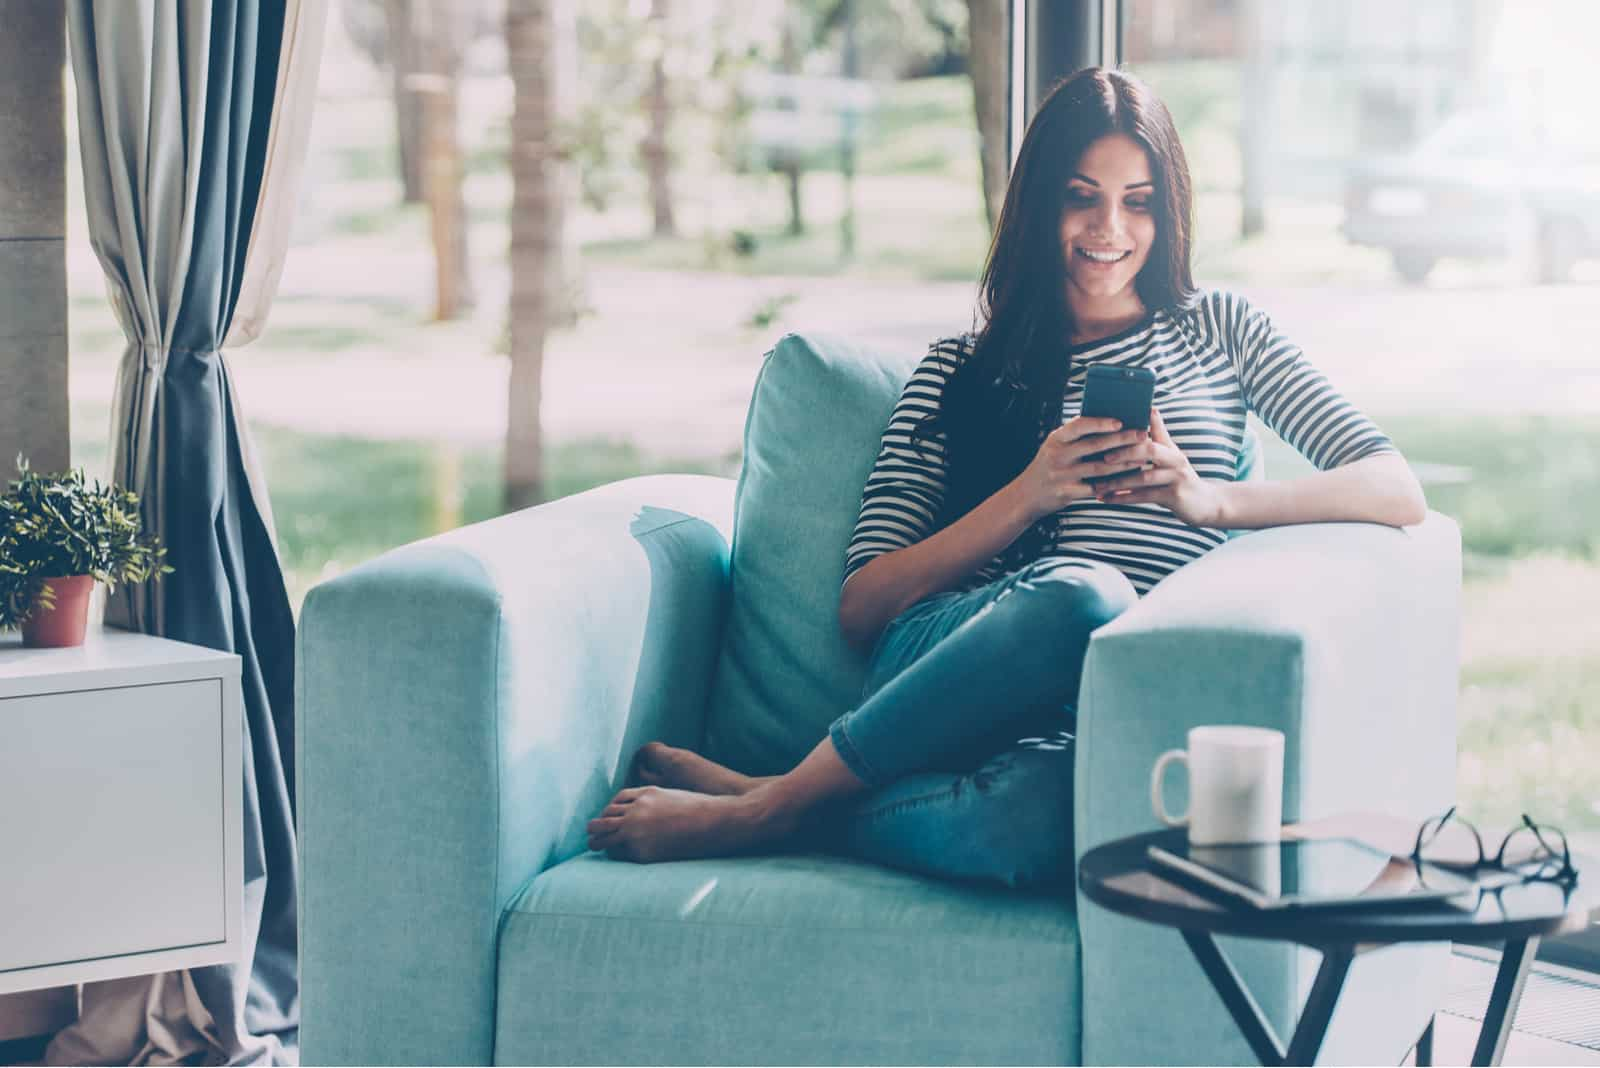 une femme est assise dans un fauteuil et un bouton sur le téléphone